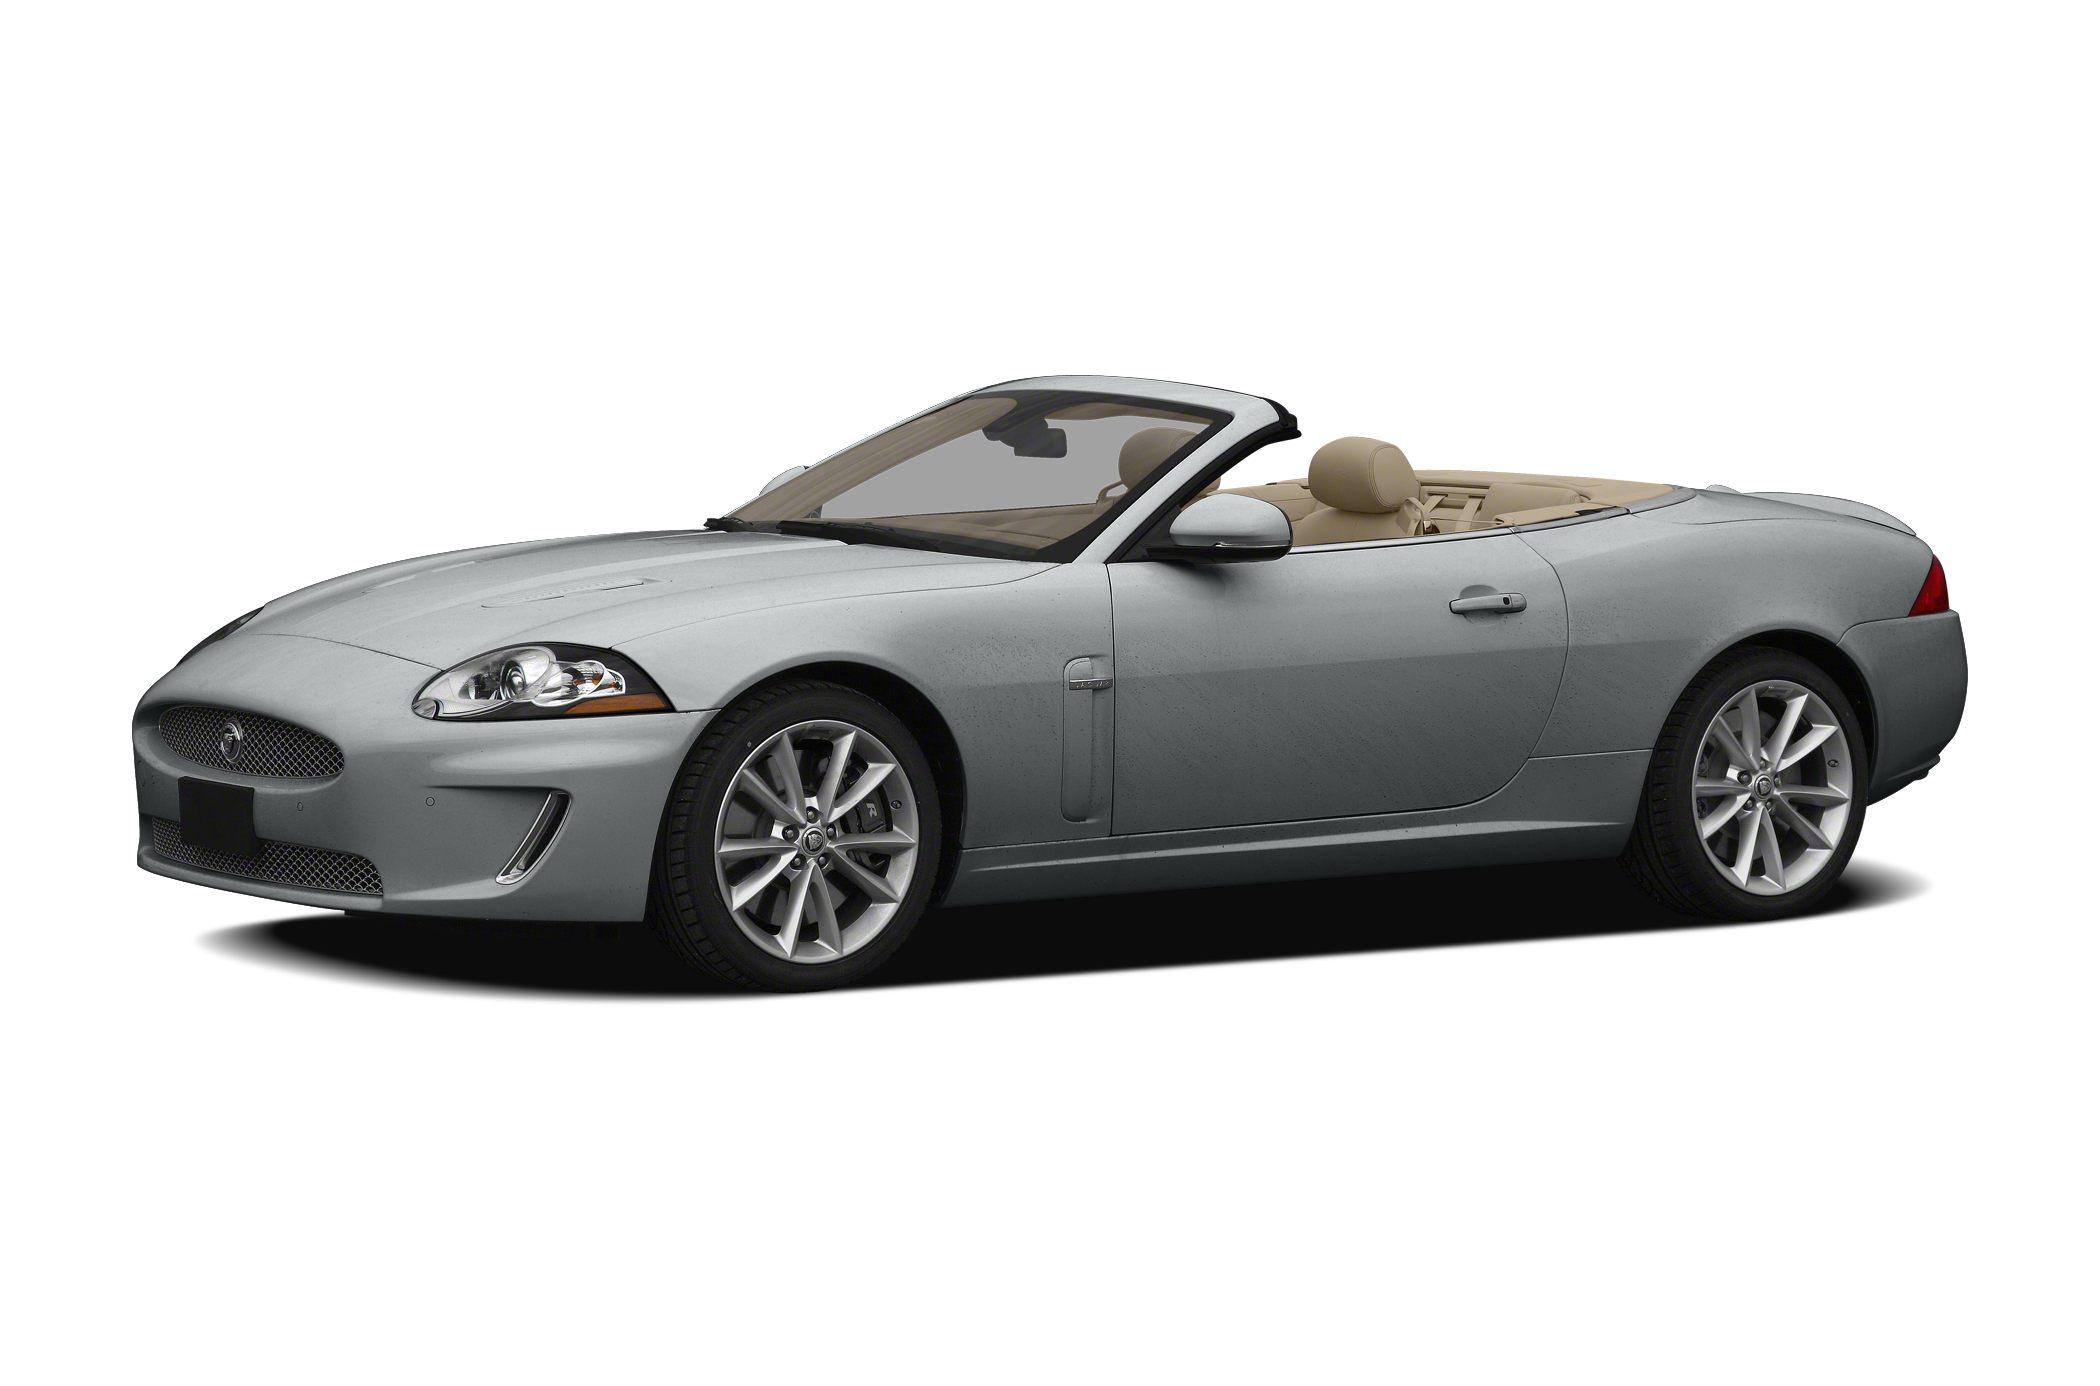 2011 Jaguar XK